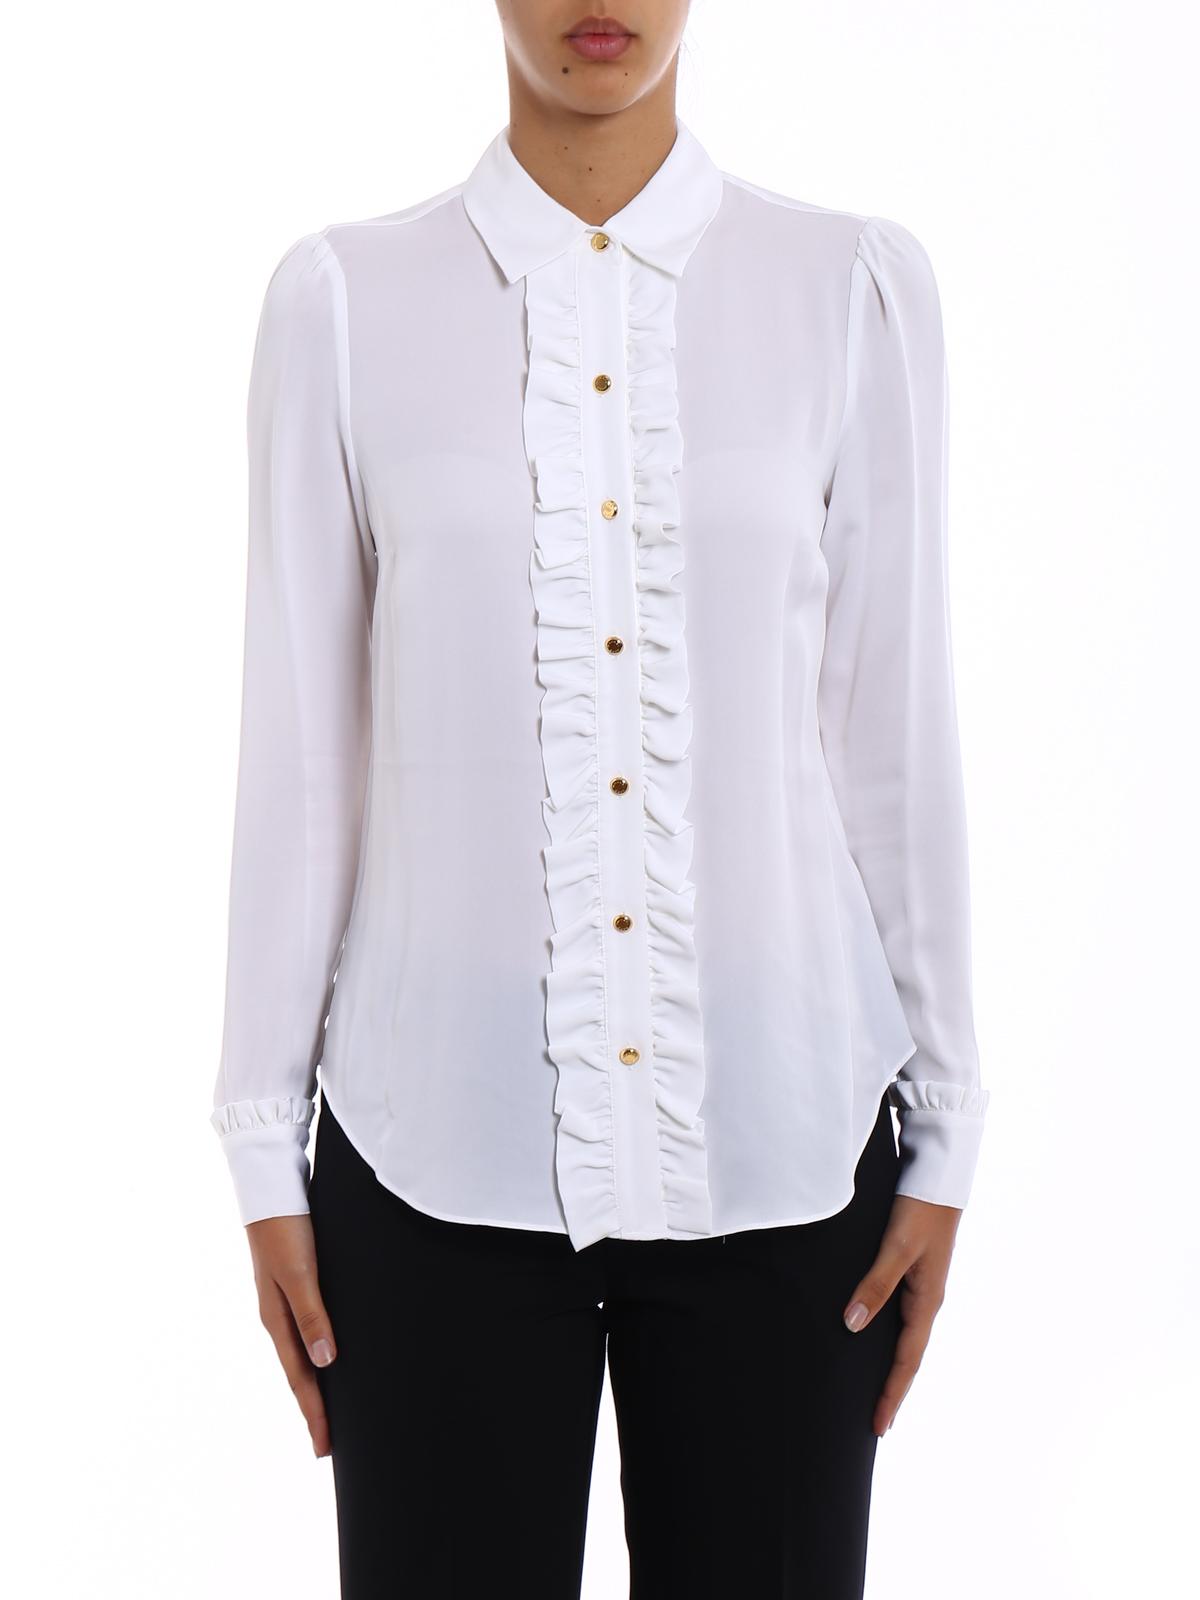 e52c3c4146b5a0 iKRIX MICHAEL KORS: camicie - Camicia in seta bianca con ruches